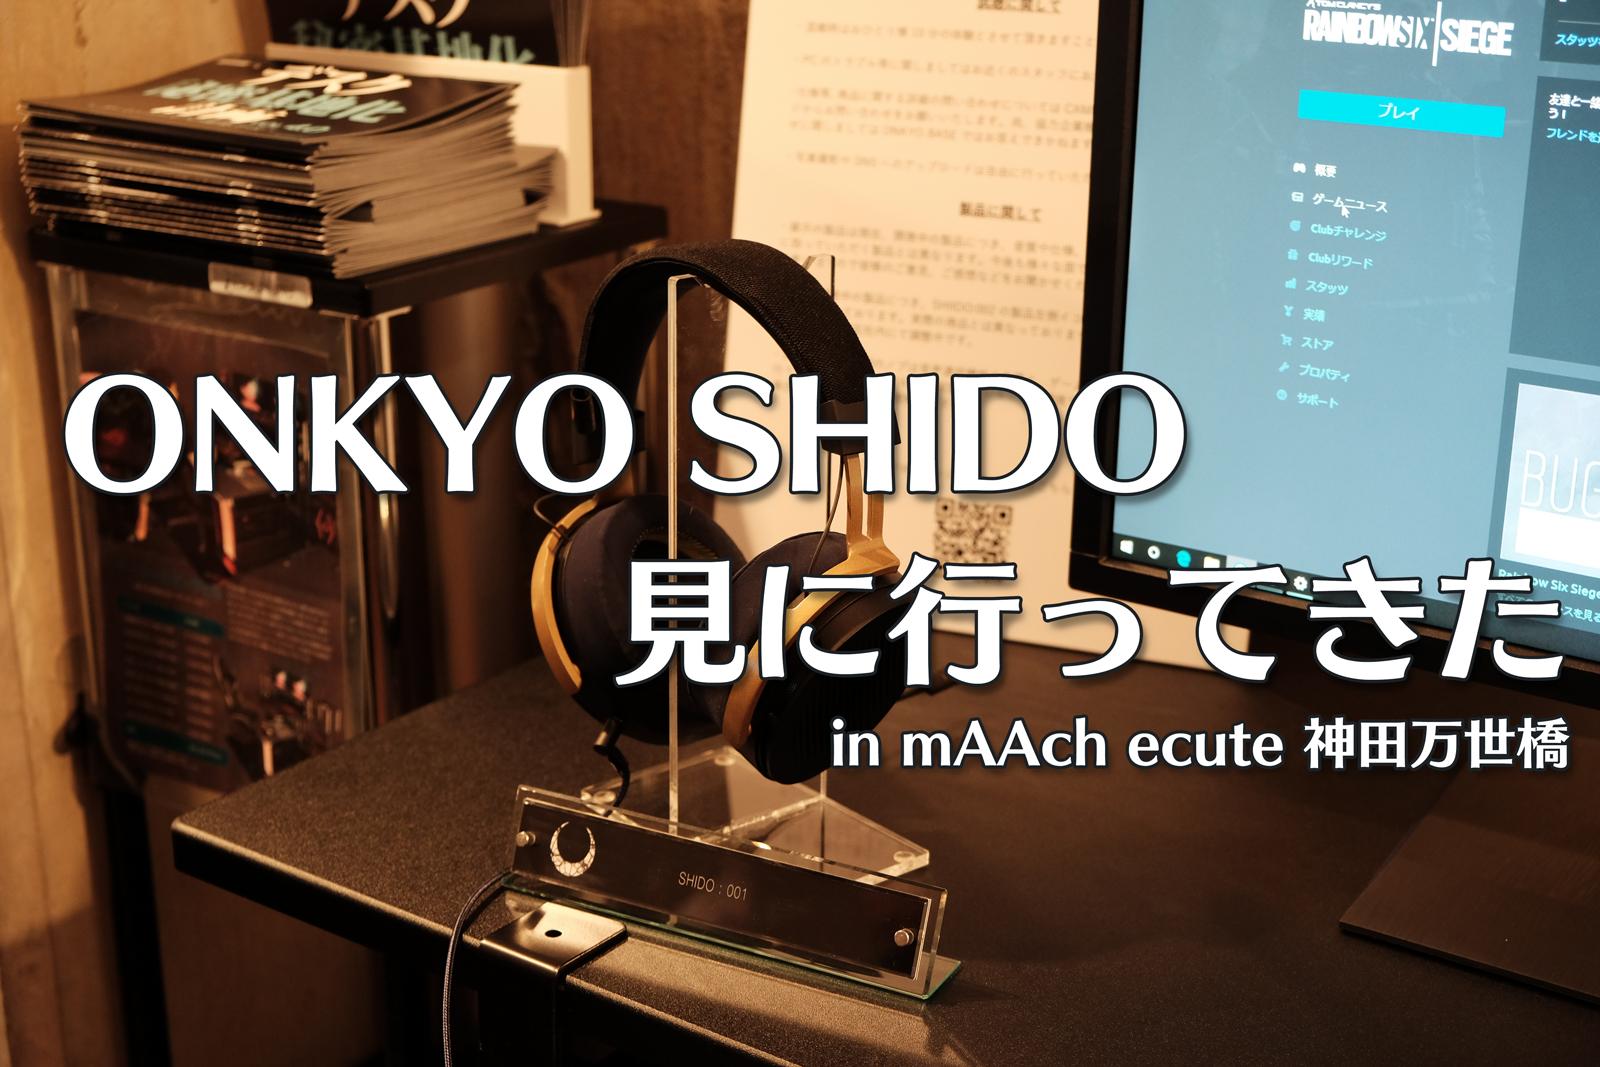 オンキヨー初のゲーミングブランド「SHIDO」見に行ってきた。in mAAch エキュート神田万世橋